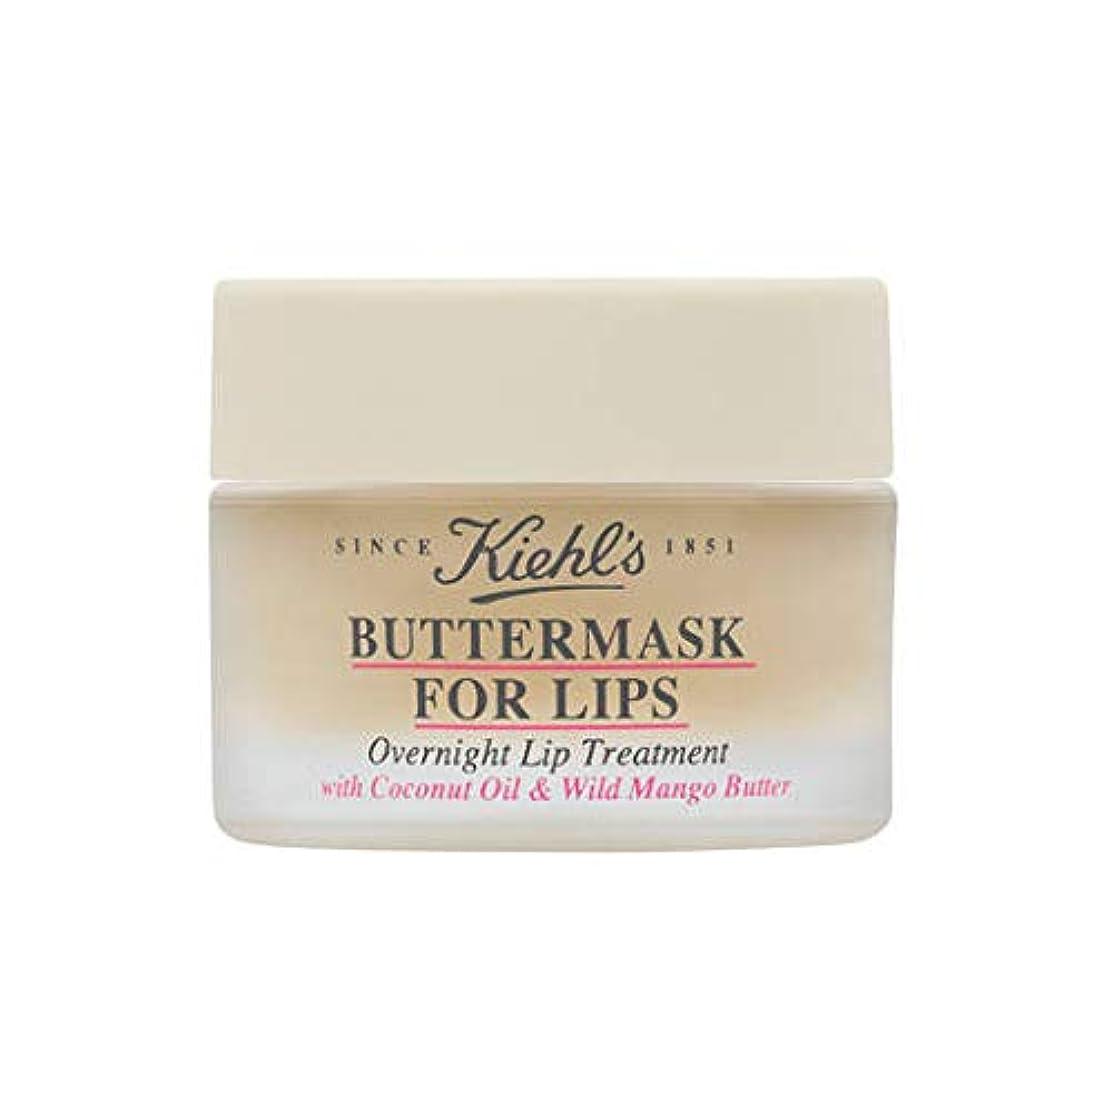 ソビエト苗謝罪Kiehl's (キールズ) 唇用バターマスク 一晩のリップトリートメント 8g